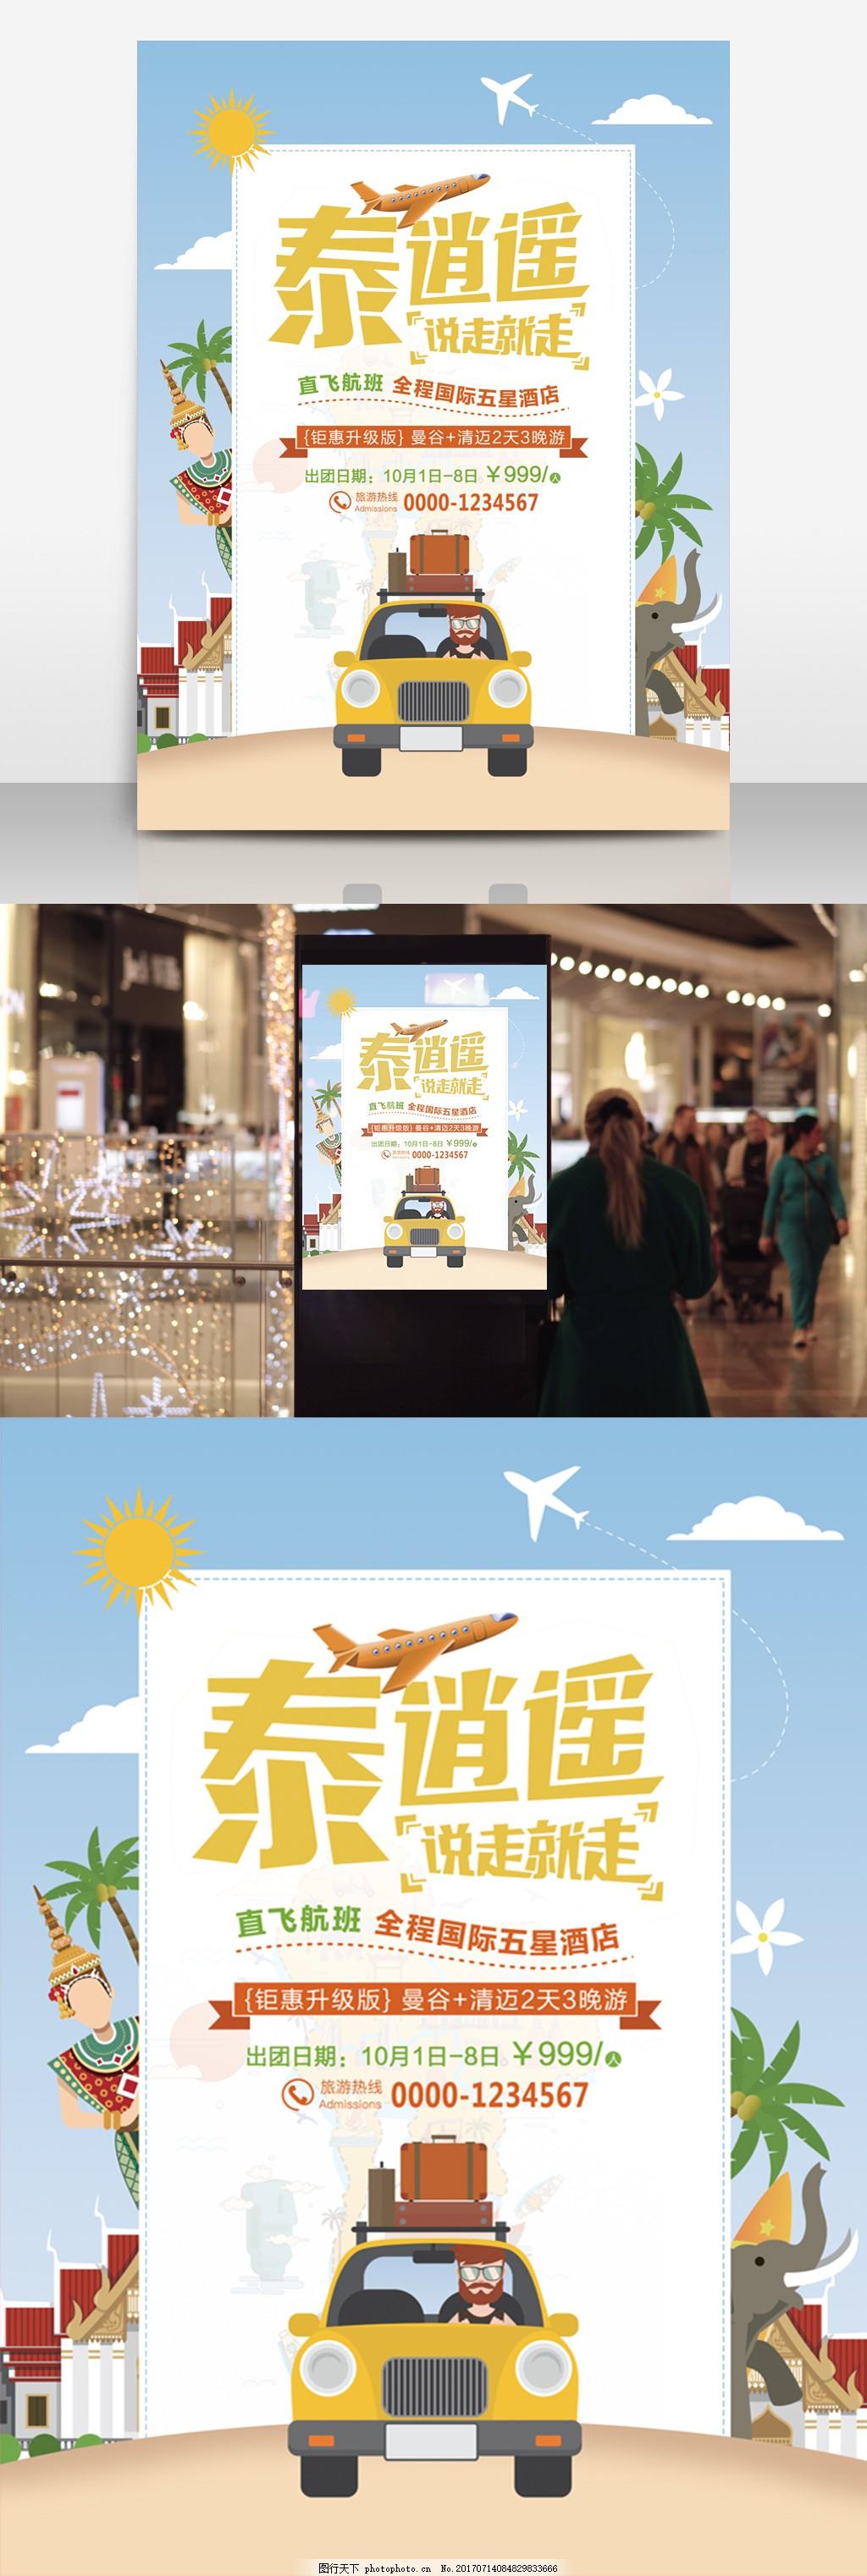 创意泰国旅游促销海报设计 泰国广告 泰国素材 泰国元素 泰国海报